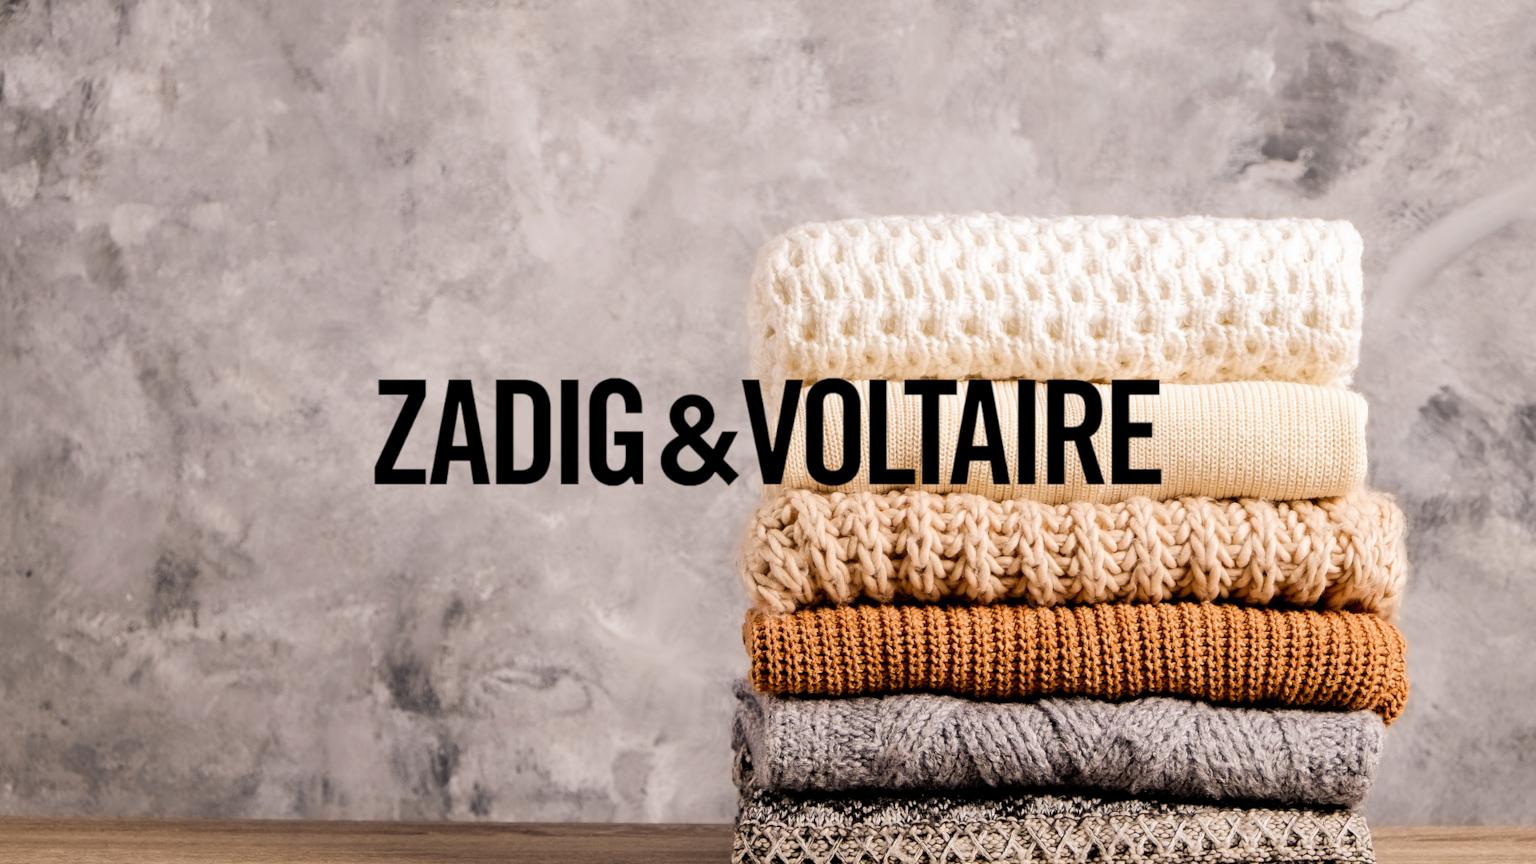 Zadig&Voltaire choisit CCH® Tagetik pour piloter sa performance financière